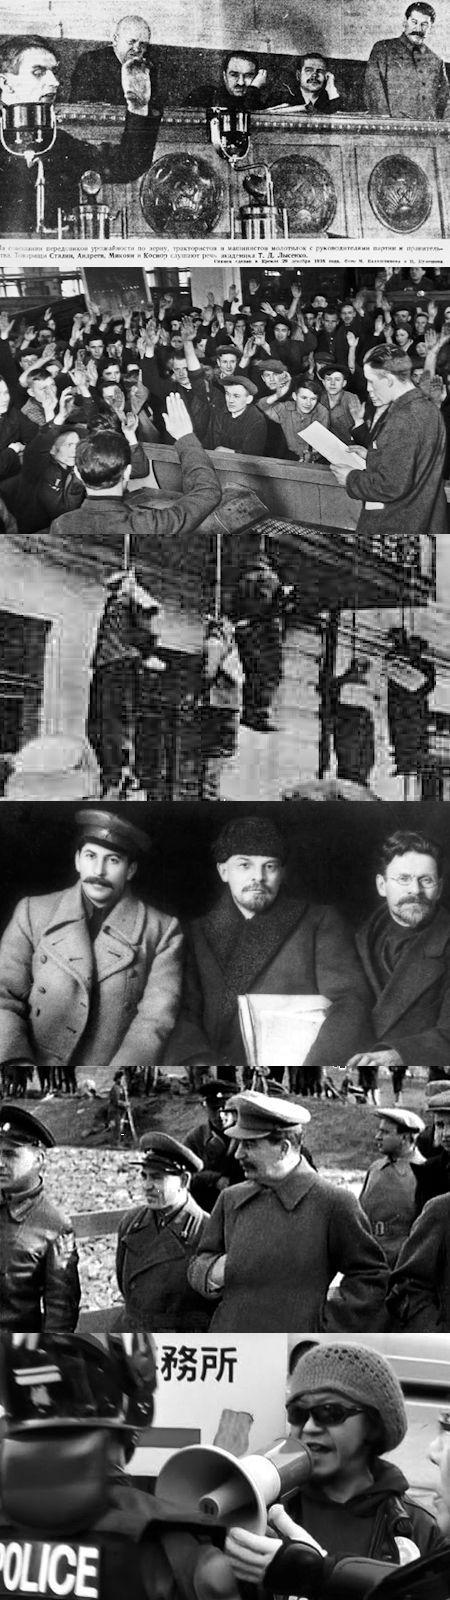 野間易通とスターリンのアナロジー - 憎悪と暴力、奪権と野心の政治表象_c0315619_17401341.jpg